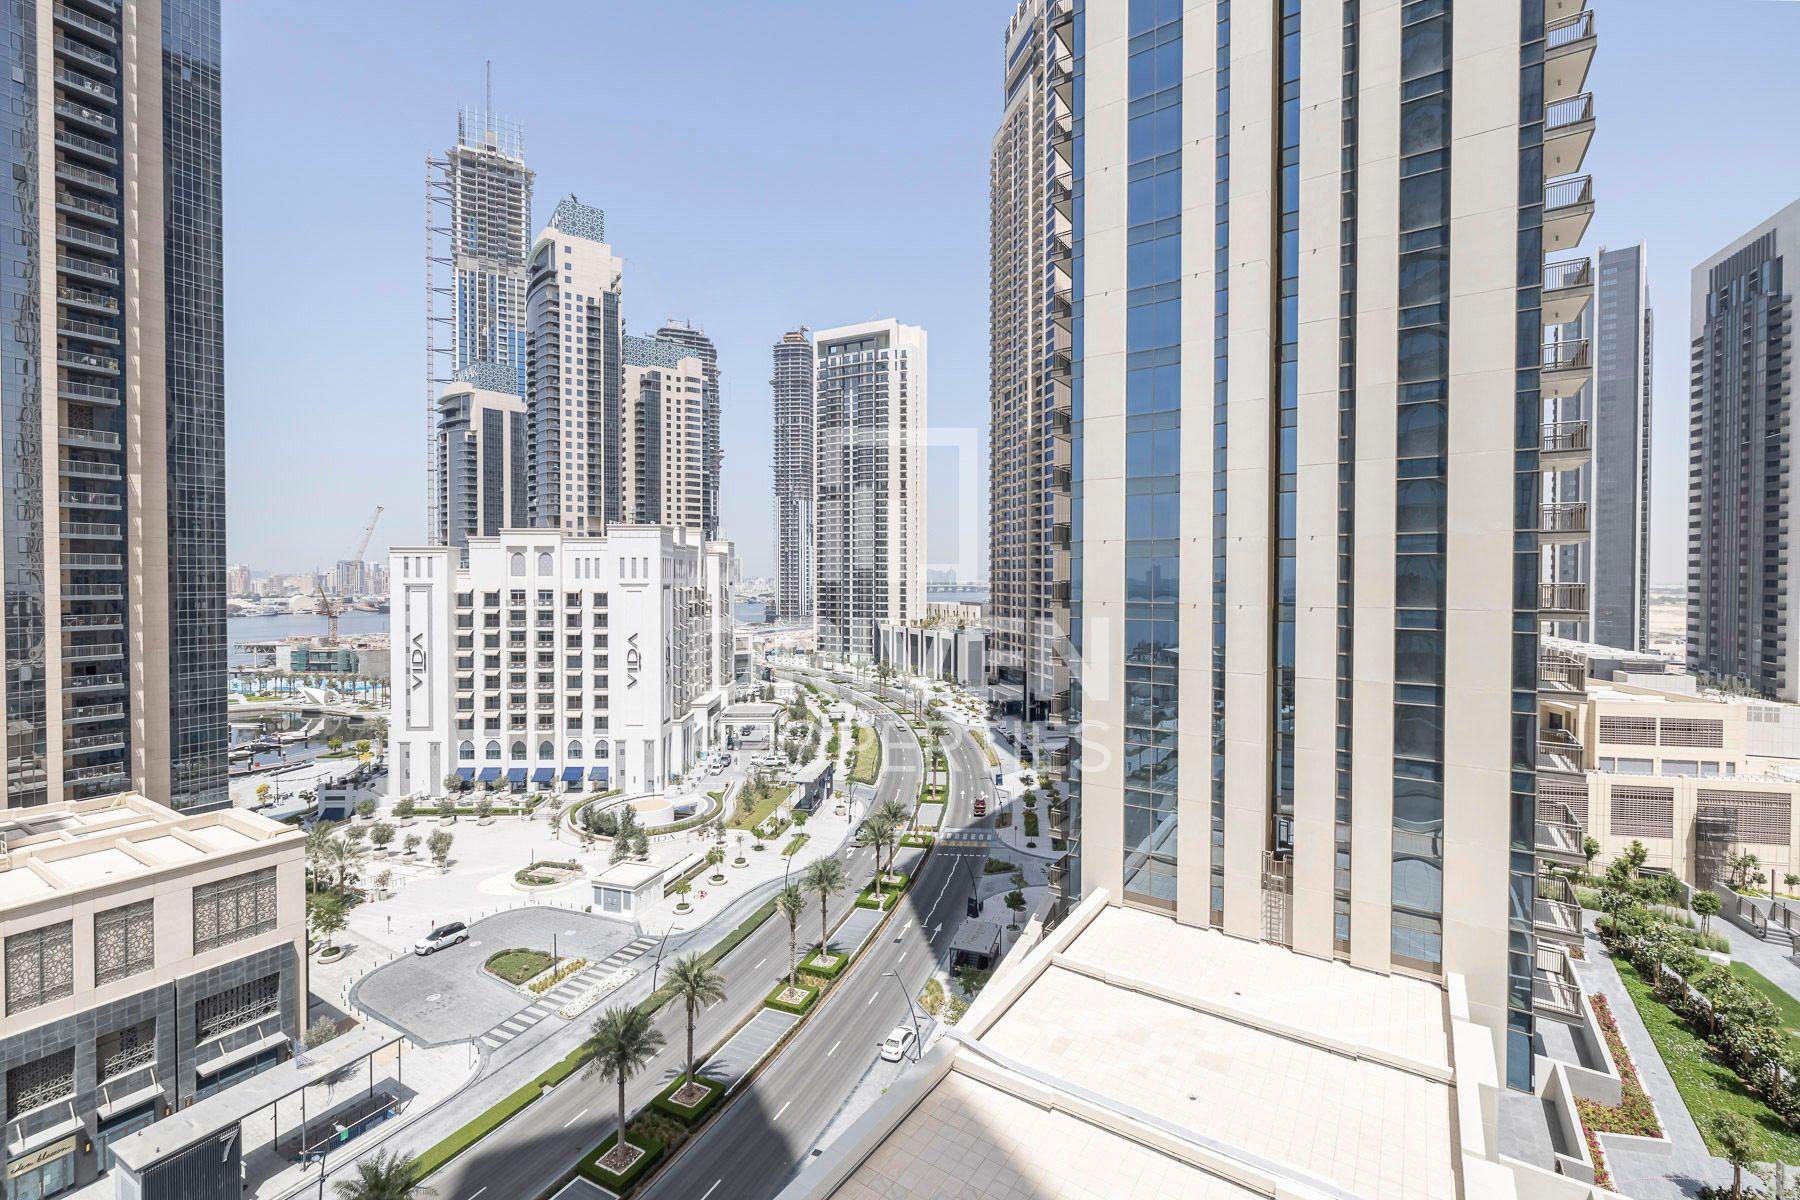 للبيع - شقة - B كريك سايد 18 - ميناء خور دبي